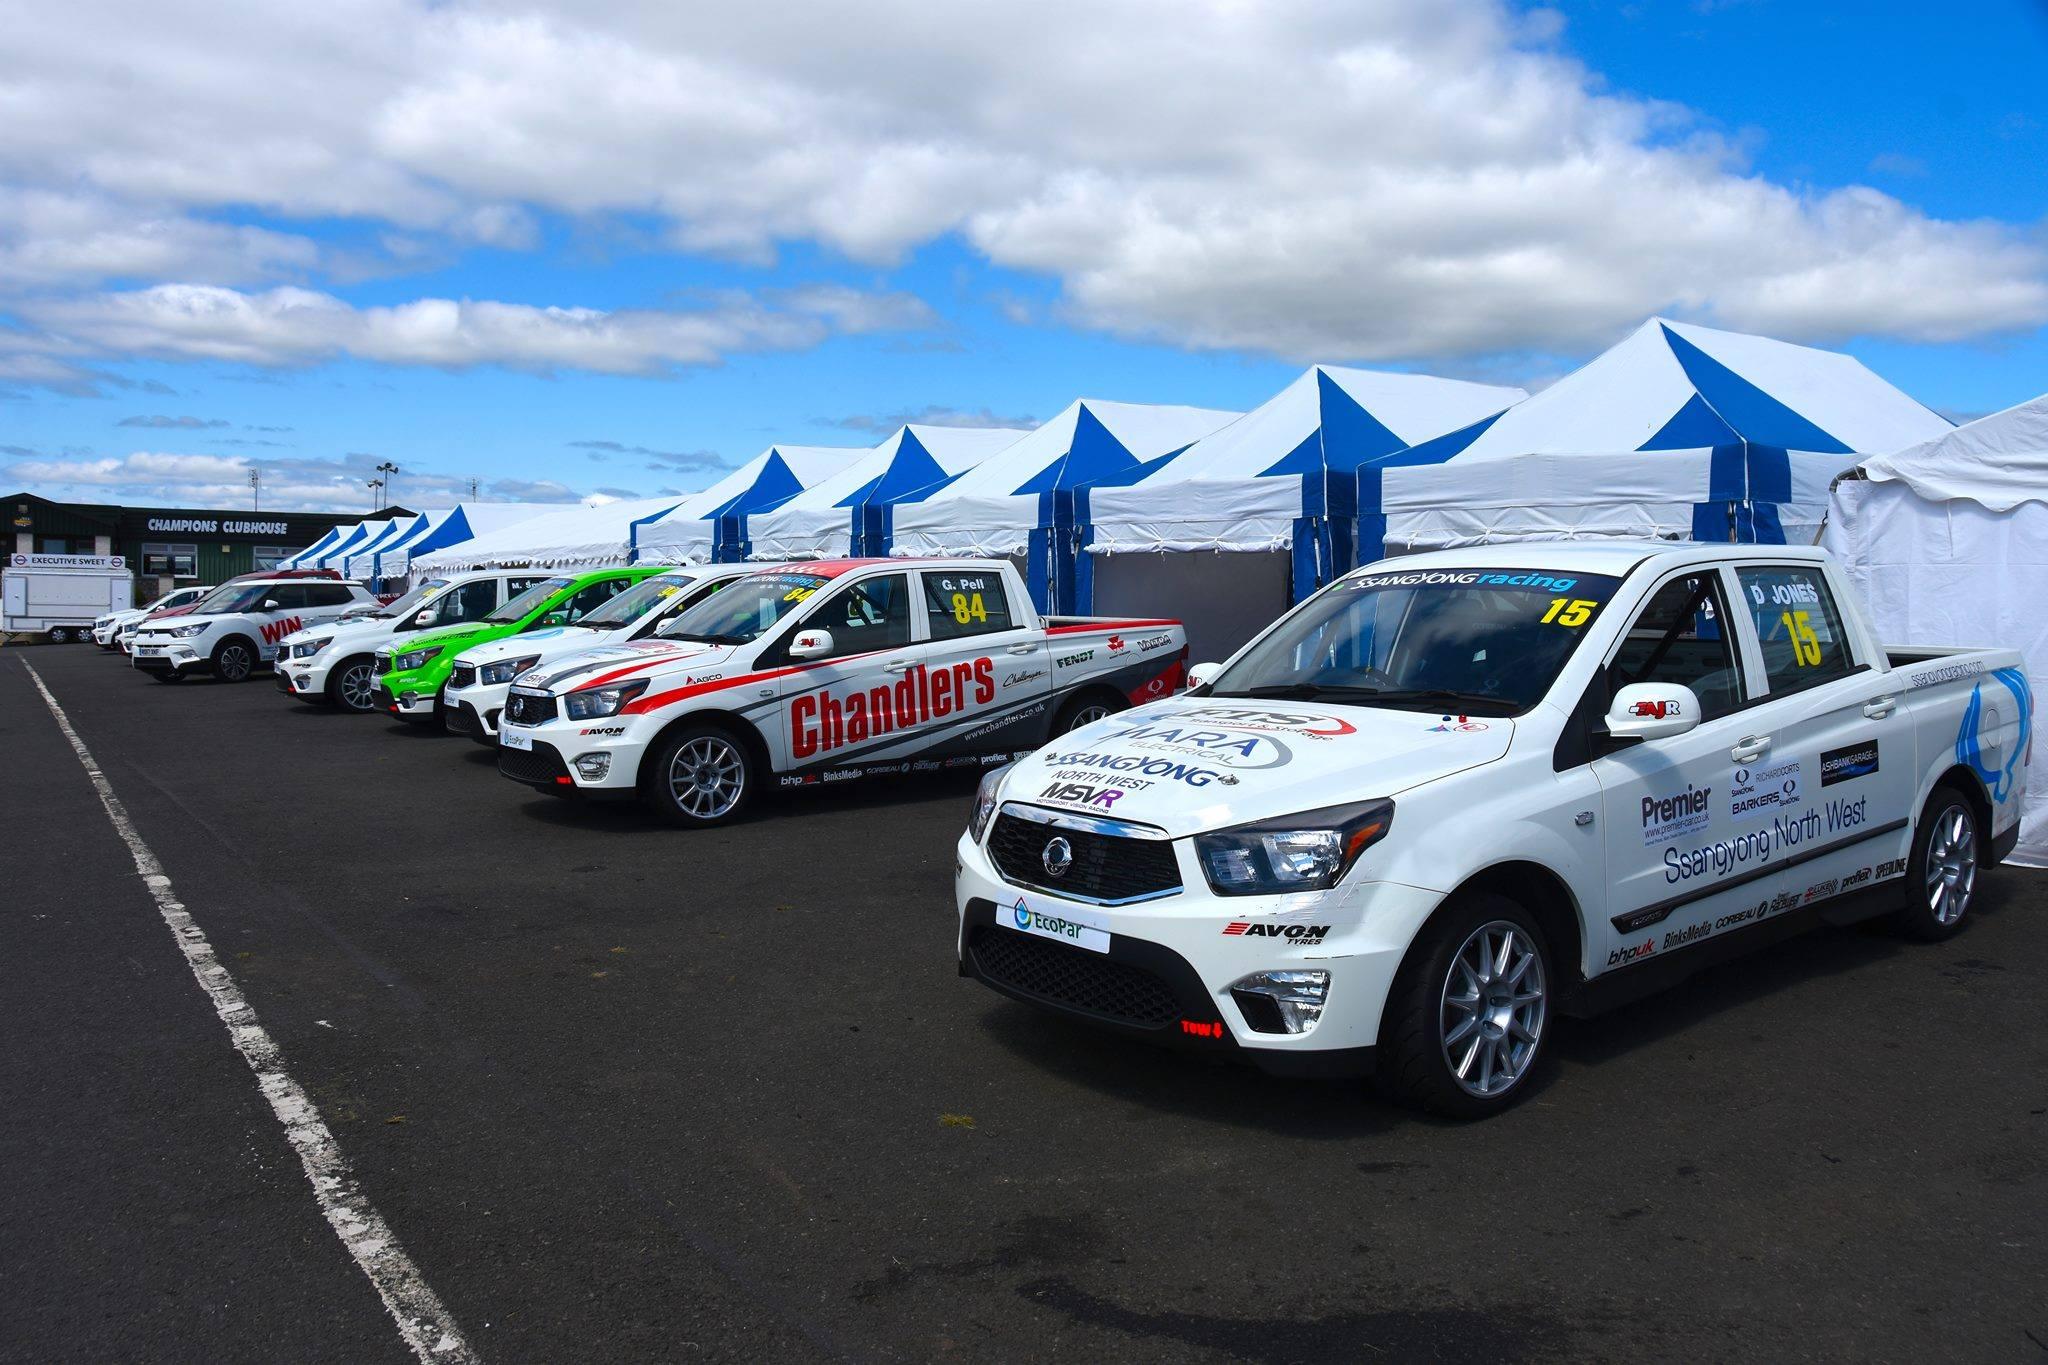 Branded tents for motorsport events